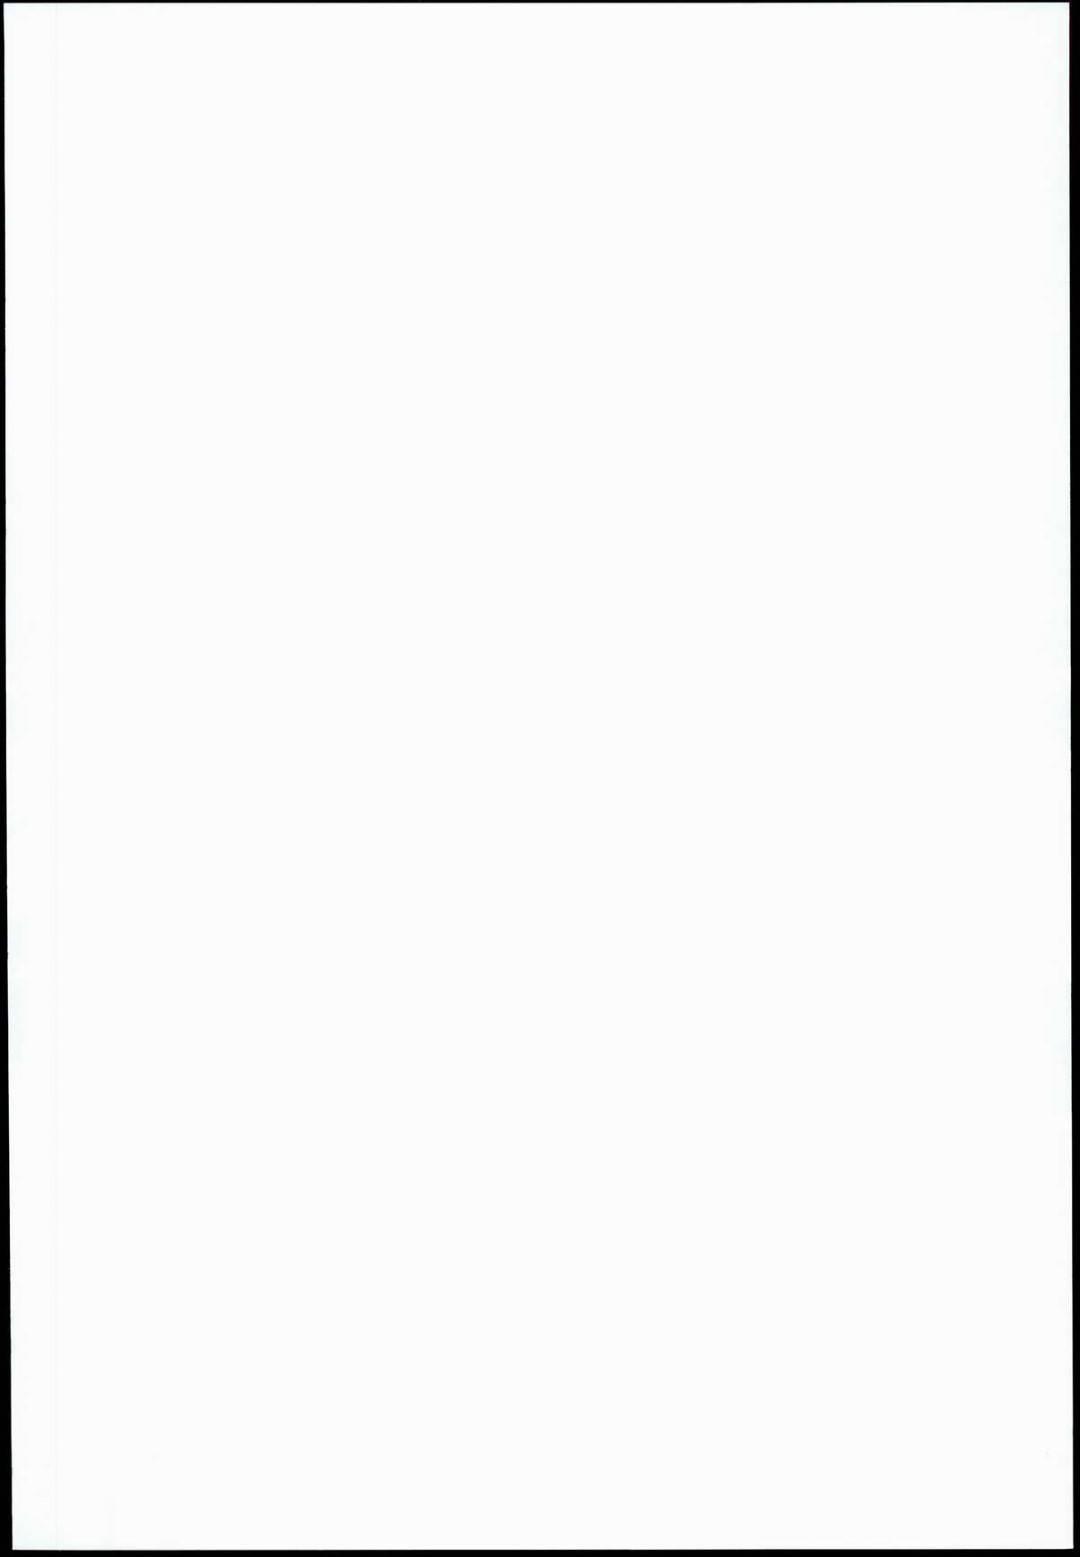 【エロ同人誌】(C85)敵に拘束され性奴隷になることを命じられるキャロン王女…連続で中出しされポテ腹になりながらもさらに孕ませられる!【モロトフカクテル (大輪田泊):RALLRILLIII/SF超次元伝説ラル】